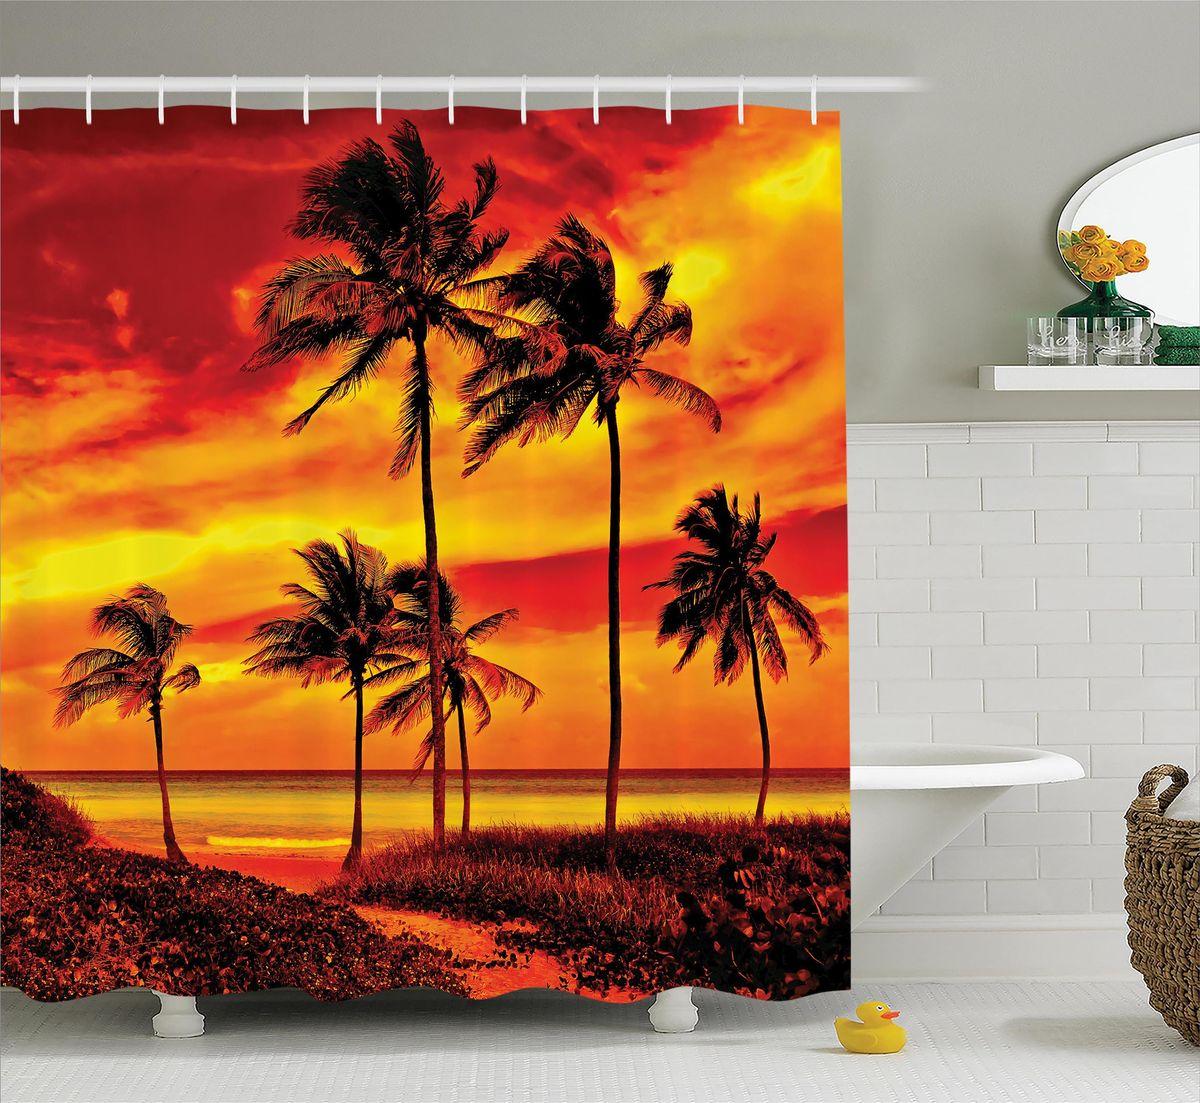 Штора для ванной комнаты Magic Lady Алый закат на пляже, 180 х 200 смшв_12484Штора Magic Lady Алый закат на пляже, изготовленная из высококачественного сатена (полиэстер 100%), отлично дополнит любой интерьер ванной комнаты. При изготовлении используются специальные гипоаллергенные чернила для прямой печати по ткани, безопасные для человека. В комплекте: 1 штора, 12 крючков. Обращаем ваше внимание, фактический цвет изделия может незначительно отличаться от представленного на фото.